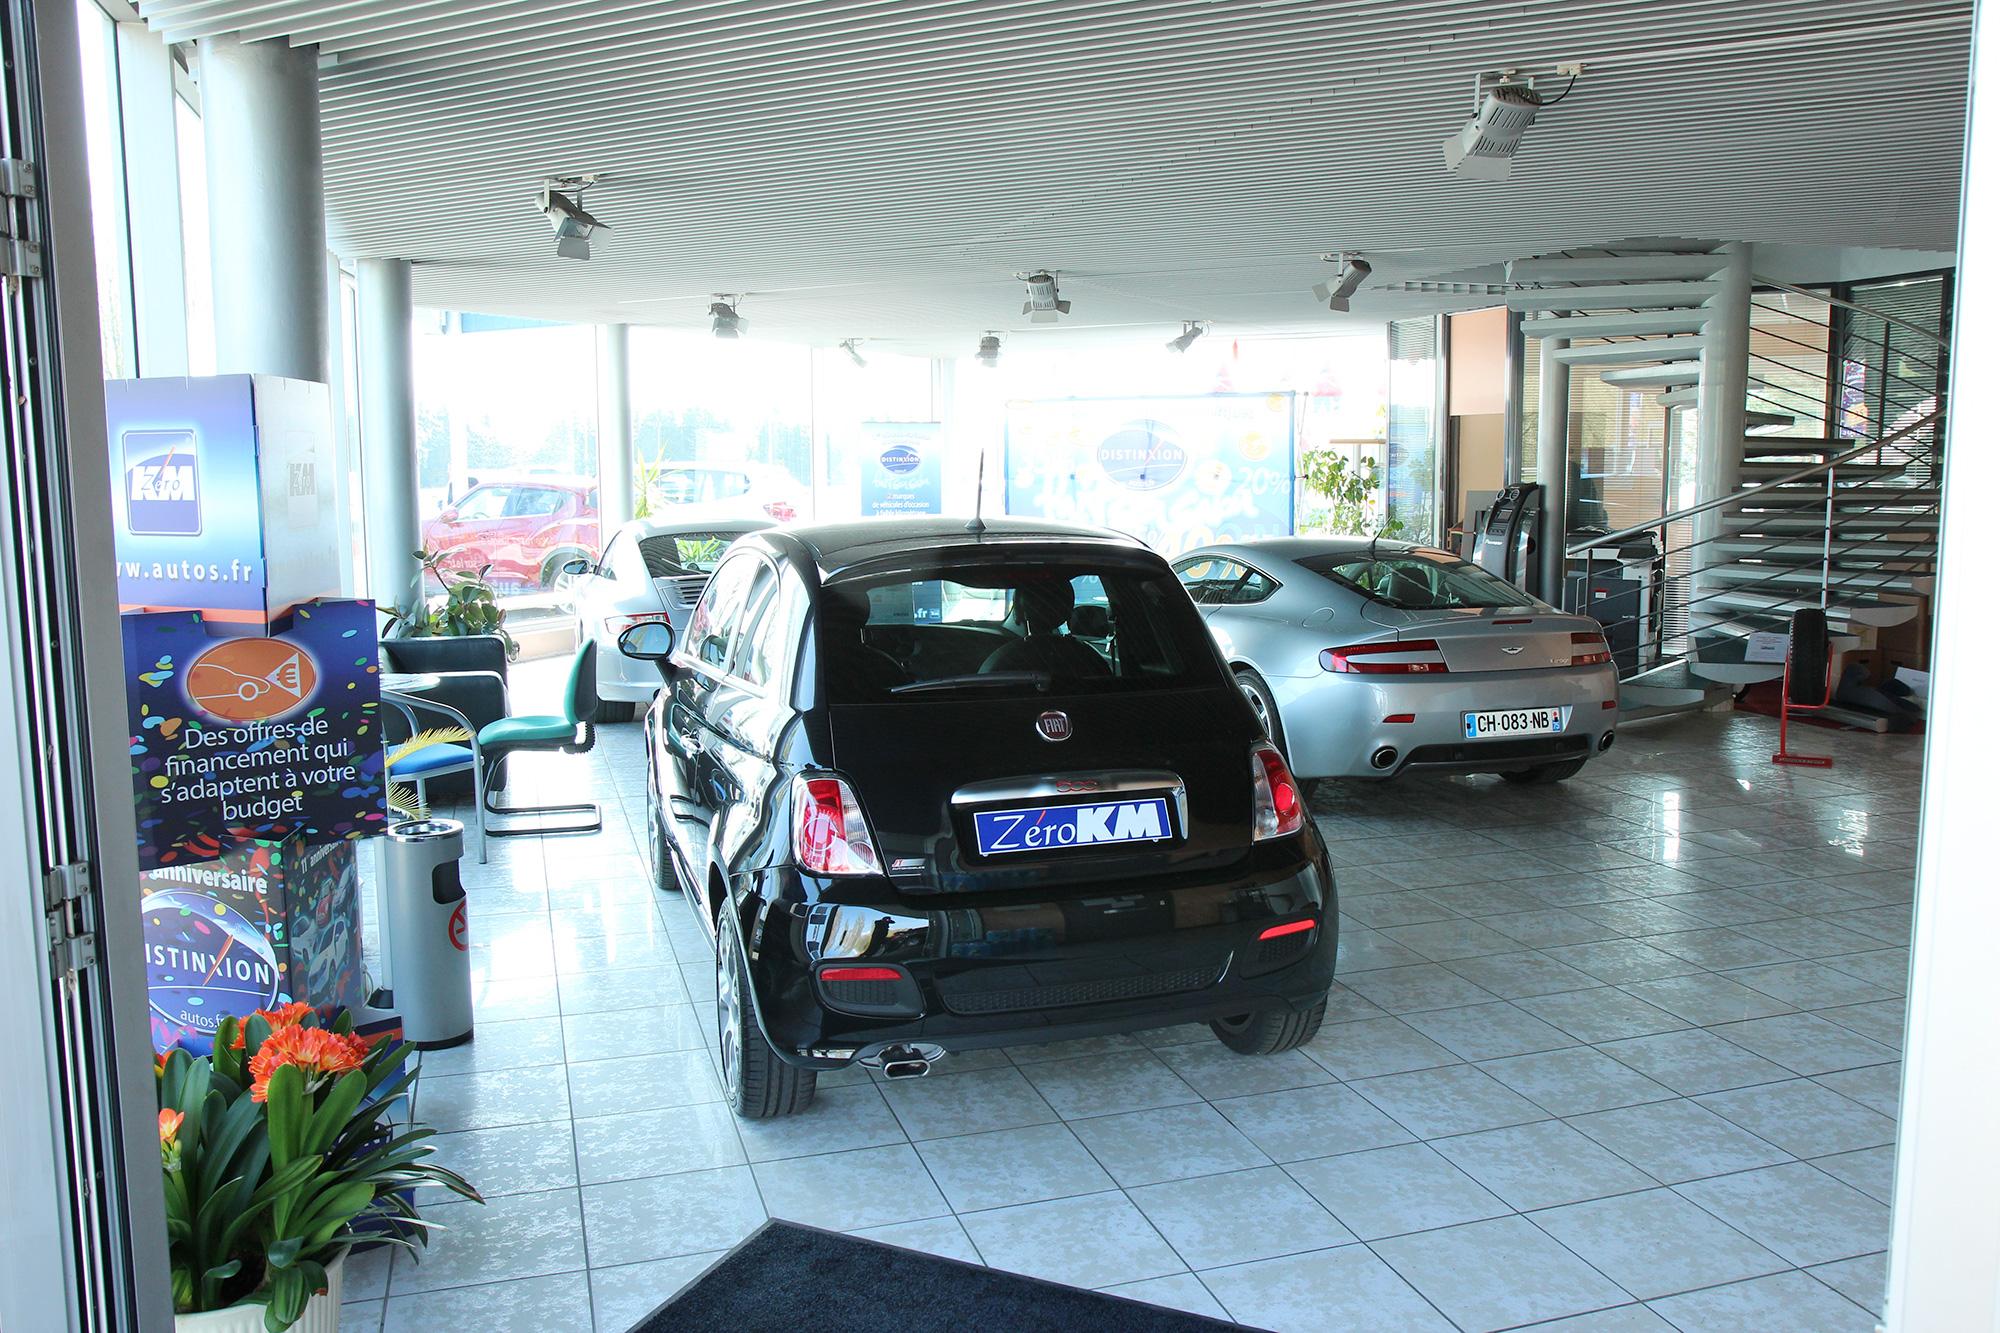 Garage automobile en alsace jt automobiles for Garage qui vend des voitures d occasion a credit